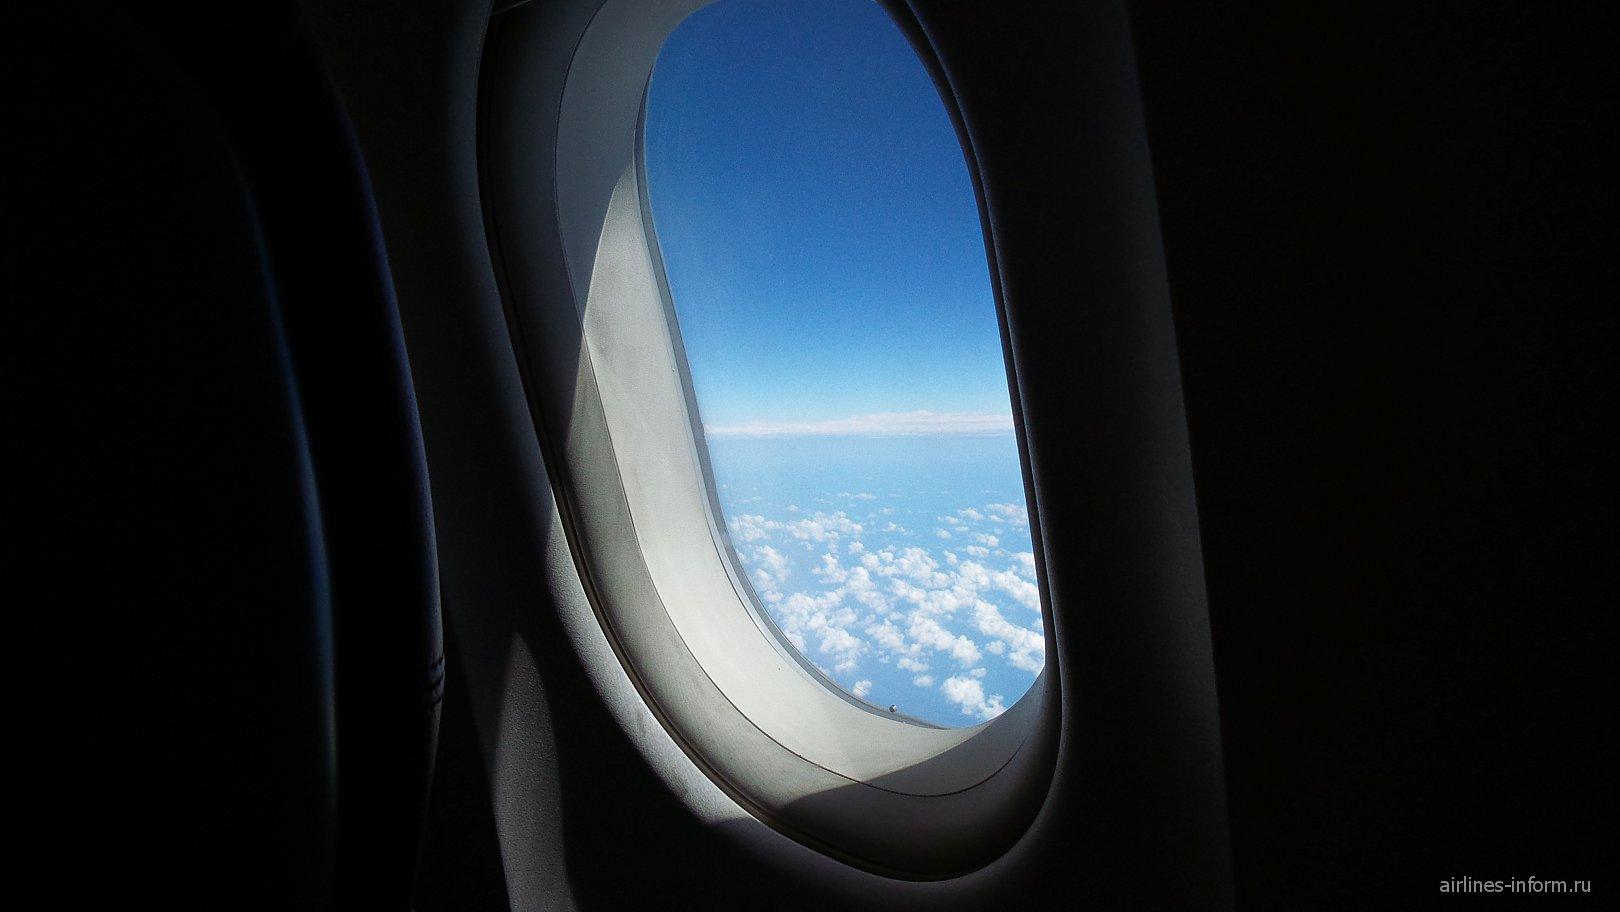 Пролетали над Турцией,мимо нас пролетет А320 Easy Jet. Но успел сфоткатья только вид из окна.